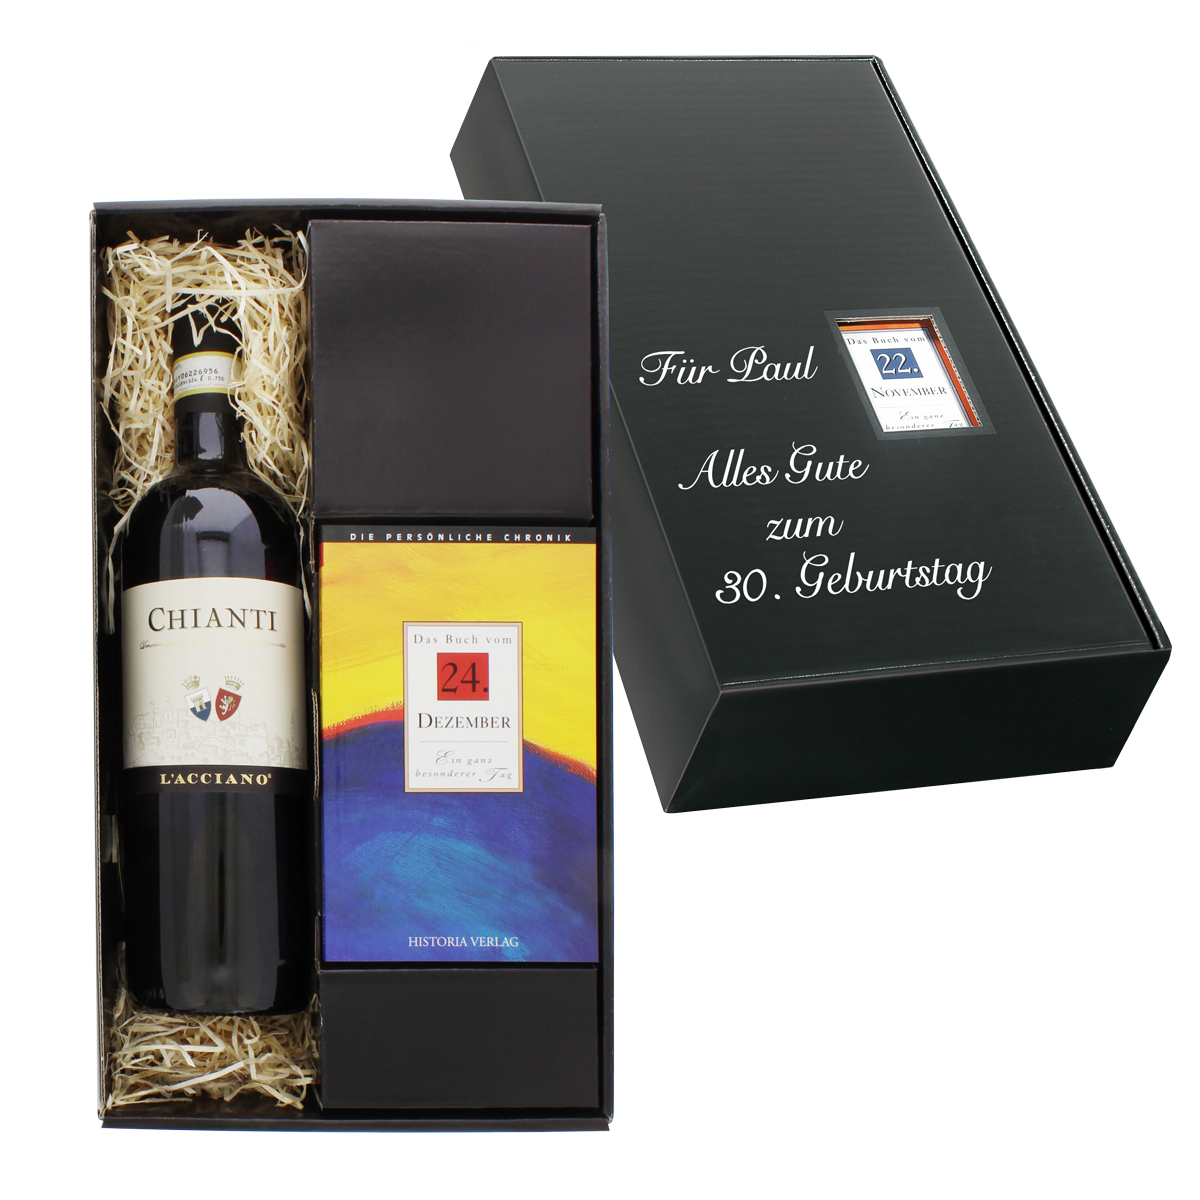 Italien-Set: Tageschronik vom 14. Juli & Chianti-Wein